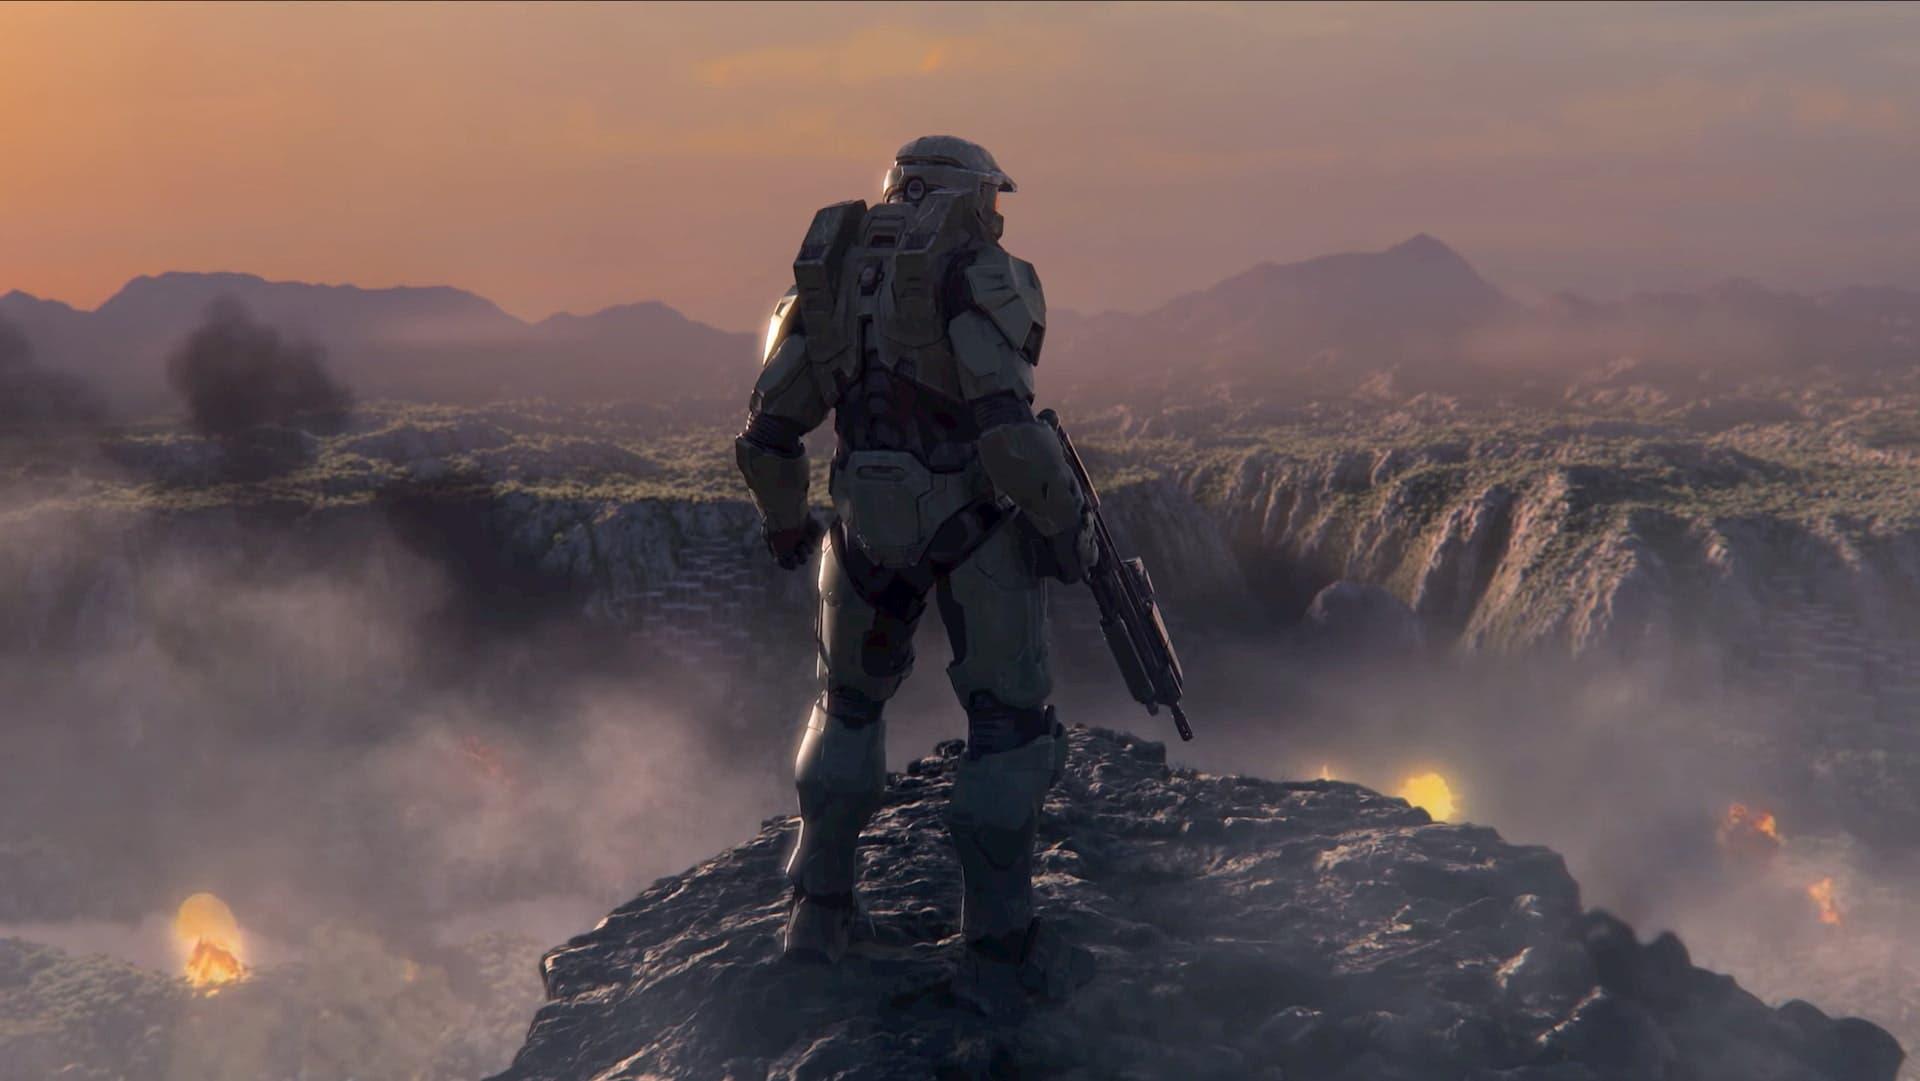 Montaje de Halo durante la p`presentación de Xbox Series X